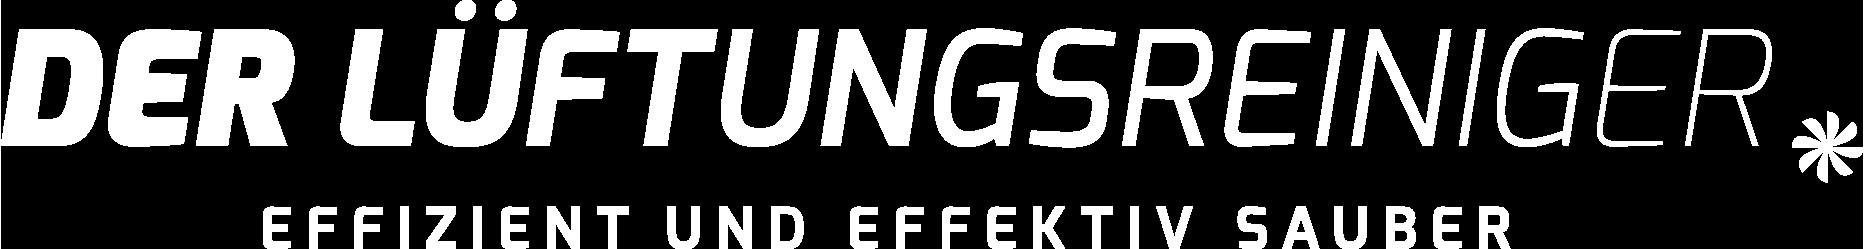 Der Lüftungsreiniger: Logo Weiss